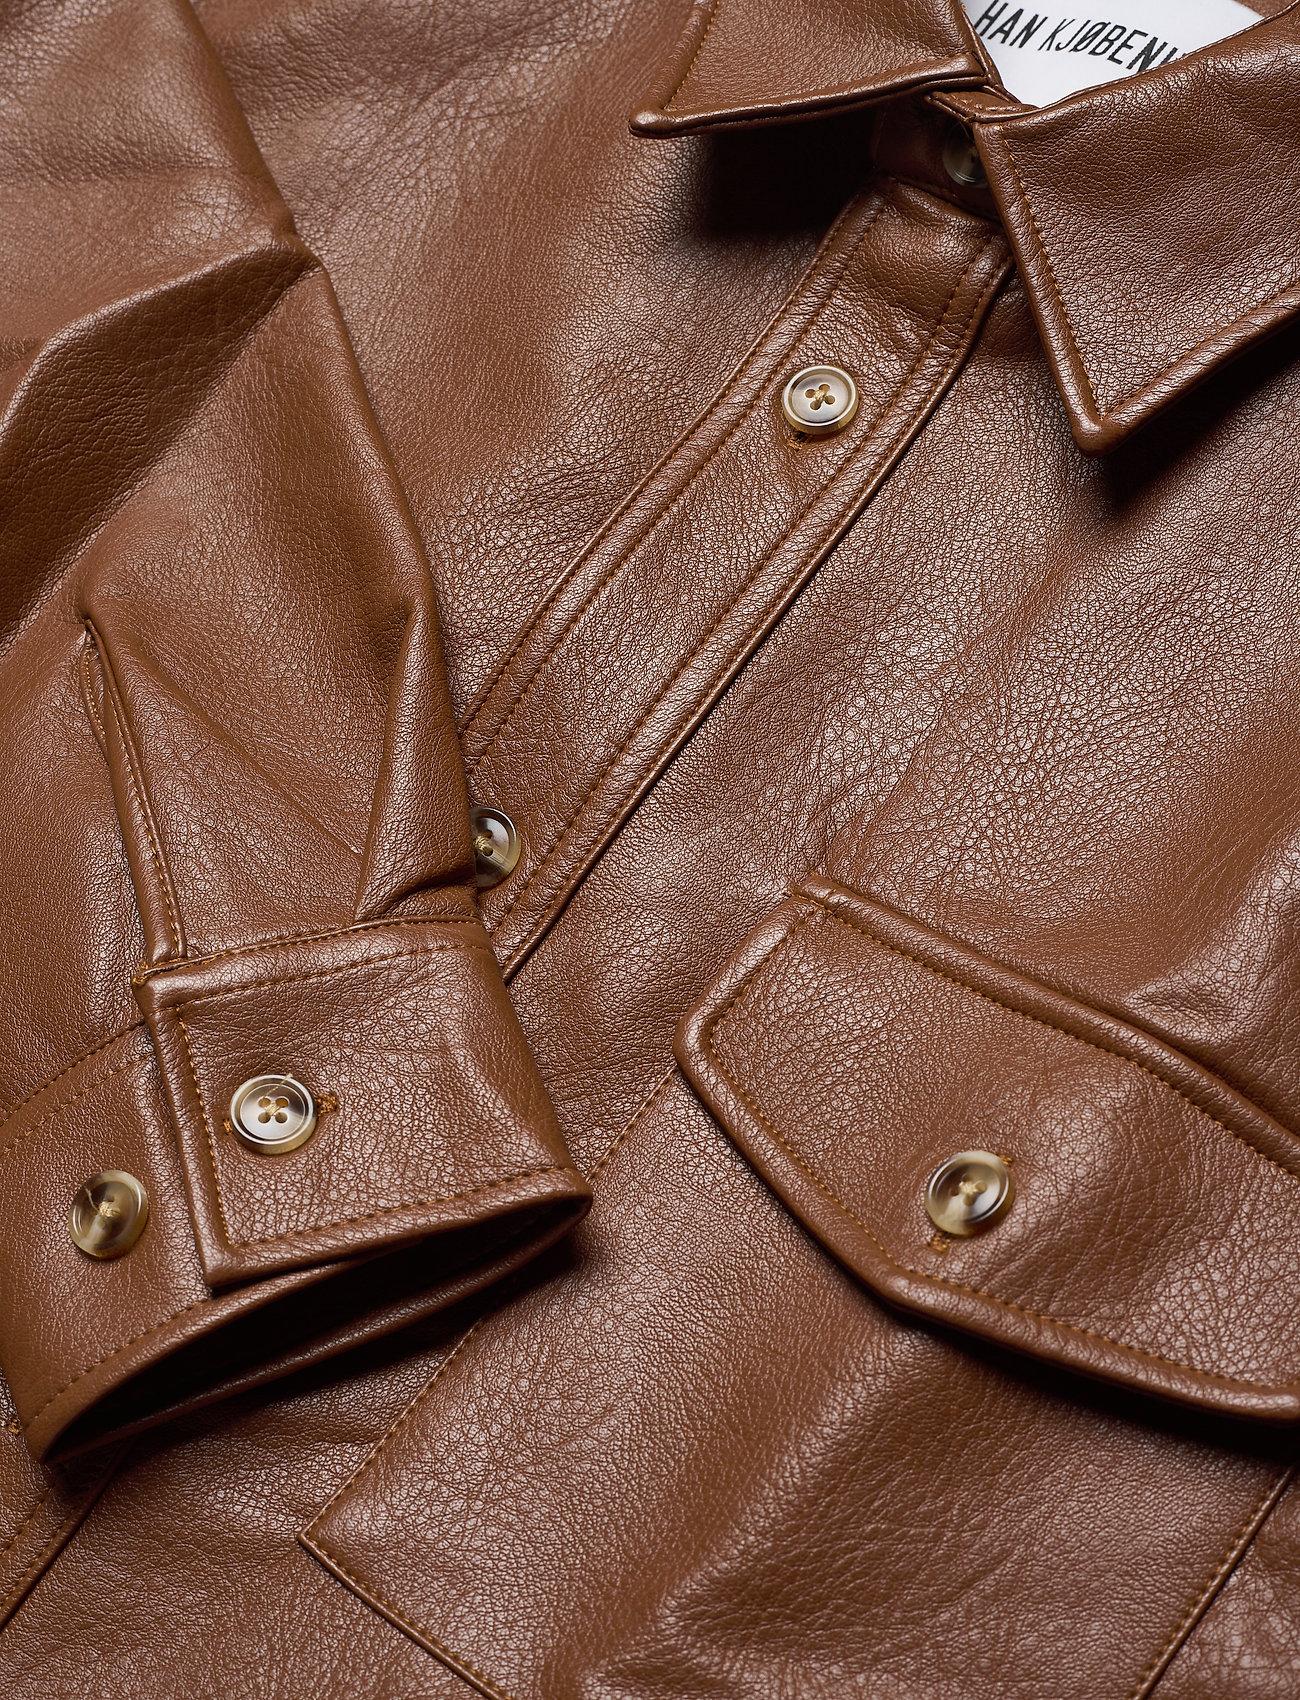 HAN Kjøbenhavn - Army Shirt - tops - brown faux leather - 3